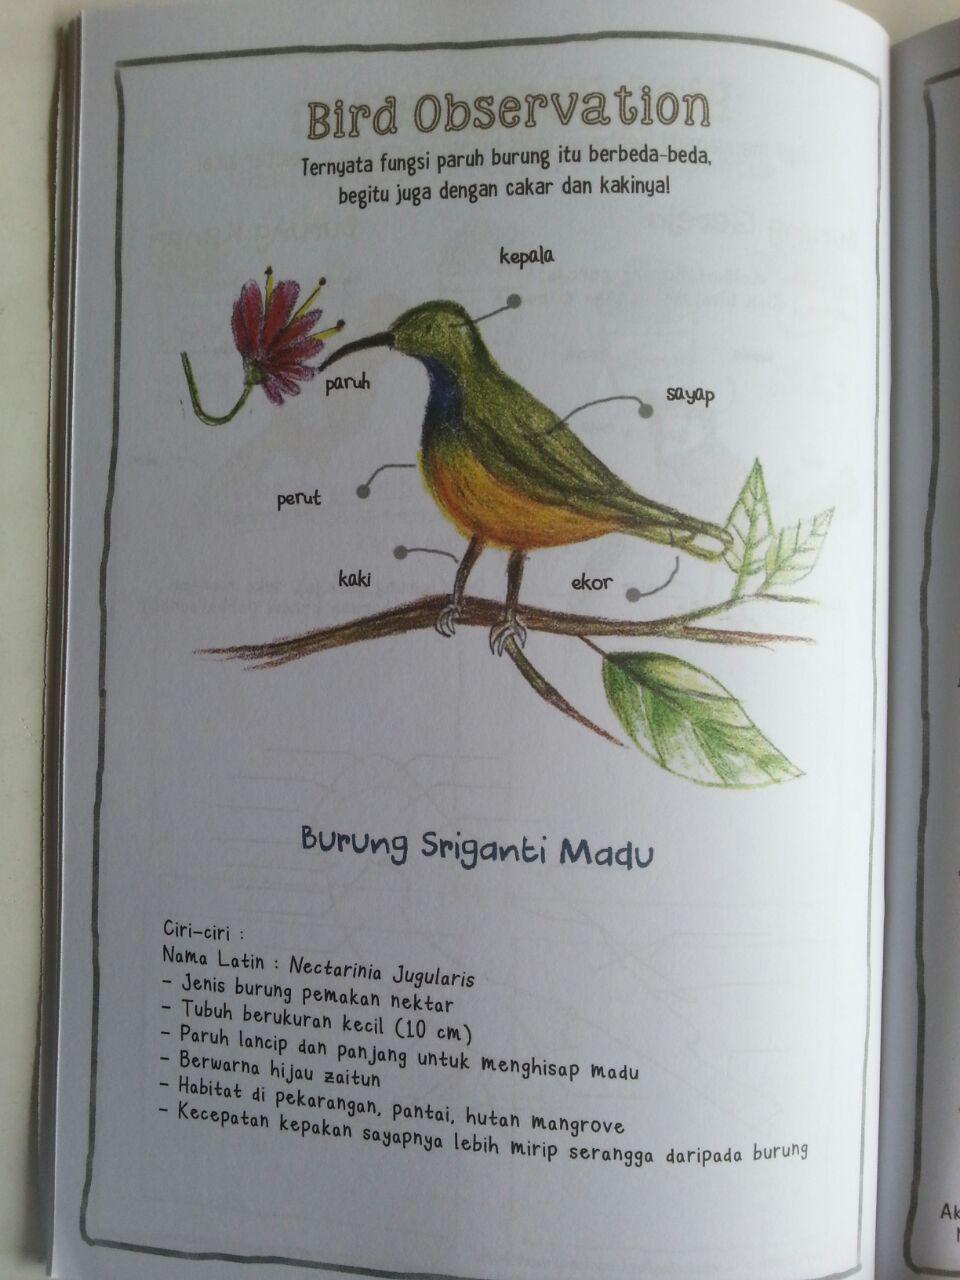 Buku Anak My Nature Journal Pengamatan Dan Gambar Ulang Di Bukuku isi 2